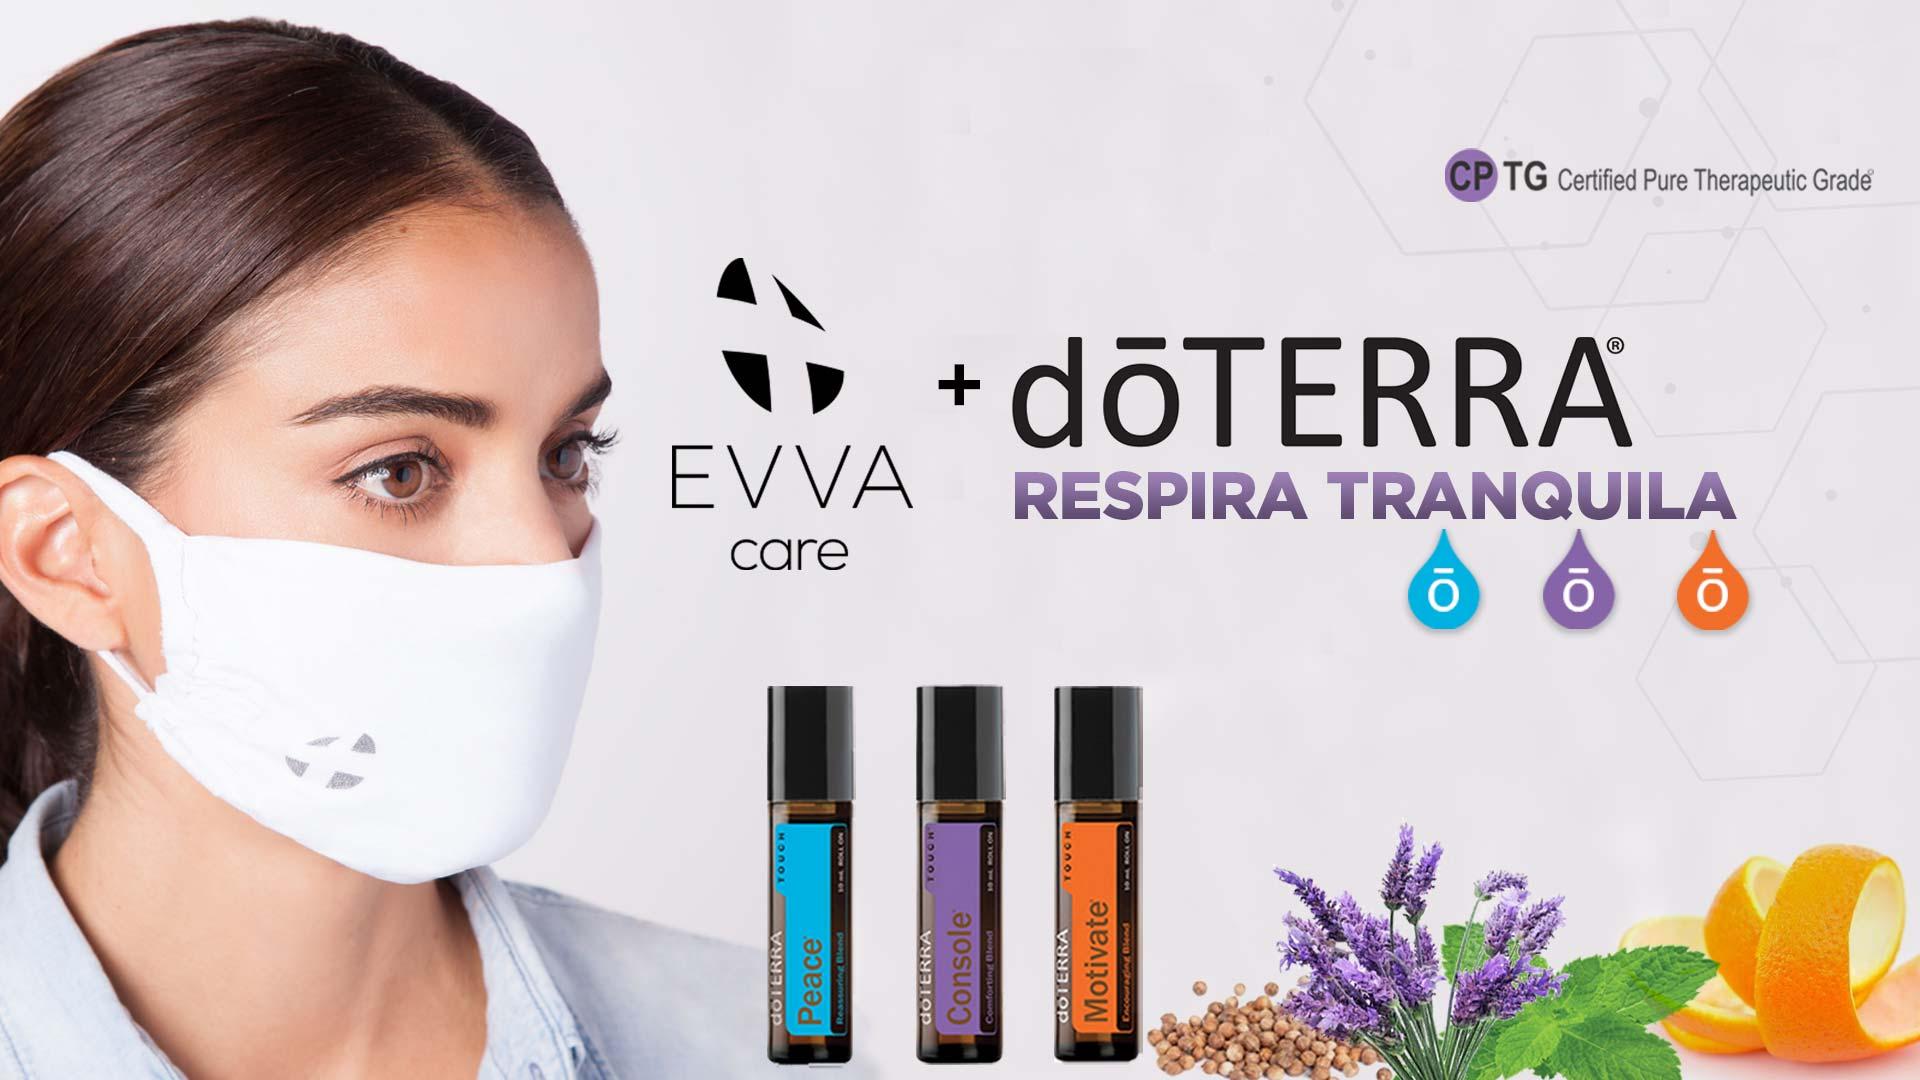 Banner_DoTerra_Evva